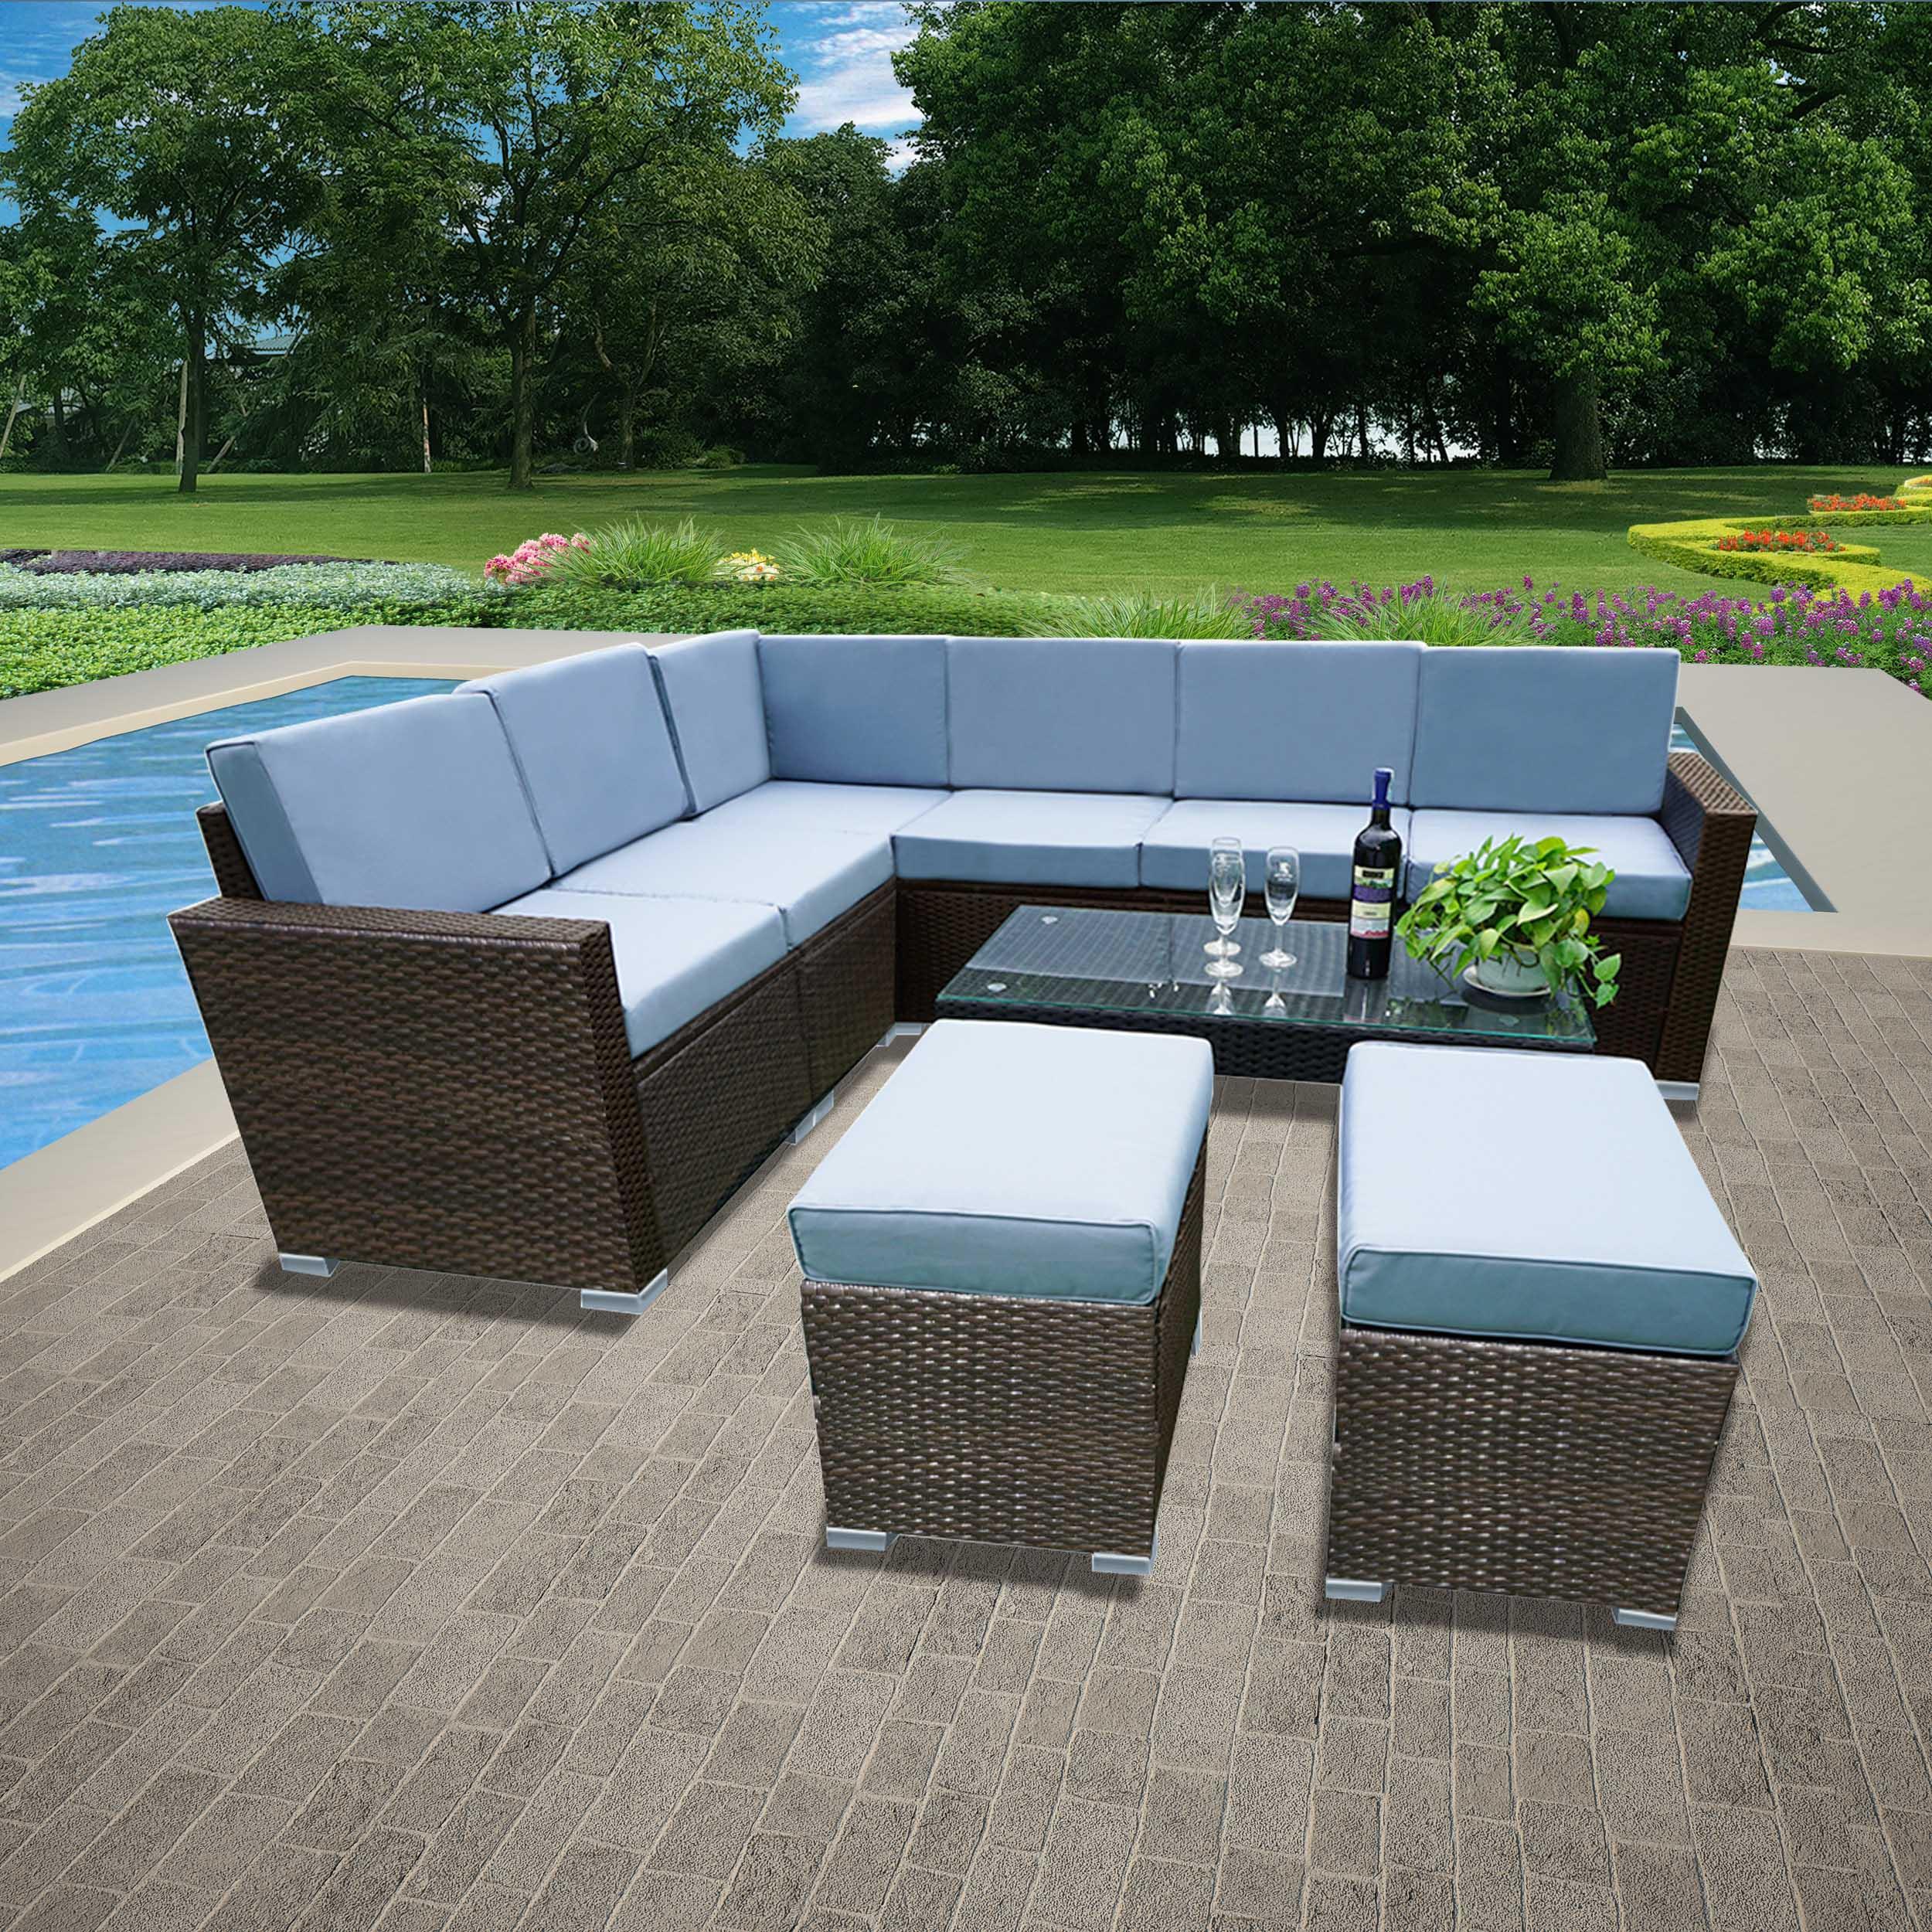 9 piece rattan garden furniture patio corner sofa set pe wicker steel outdoor uk